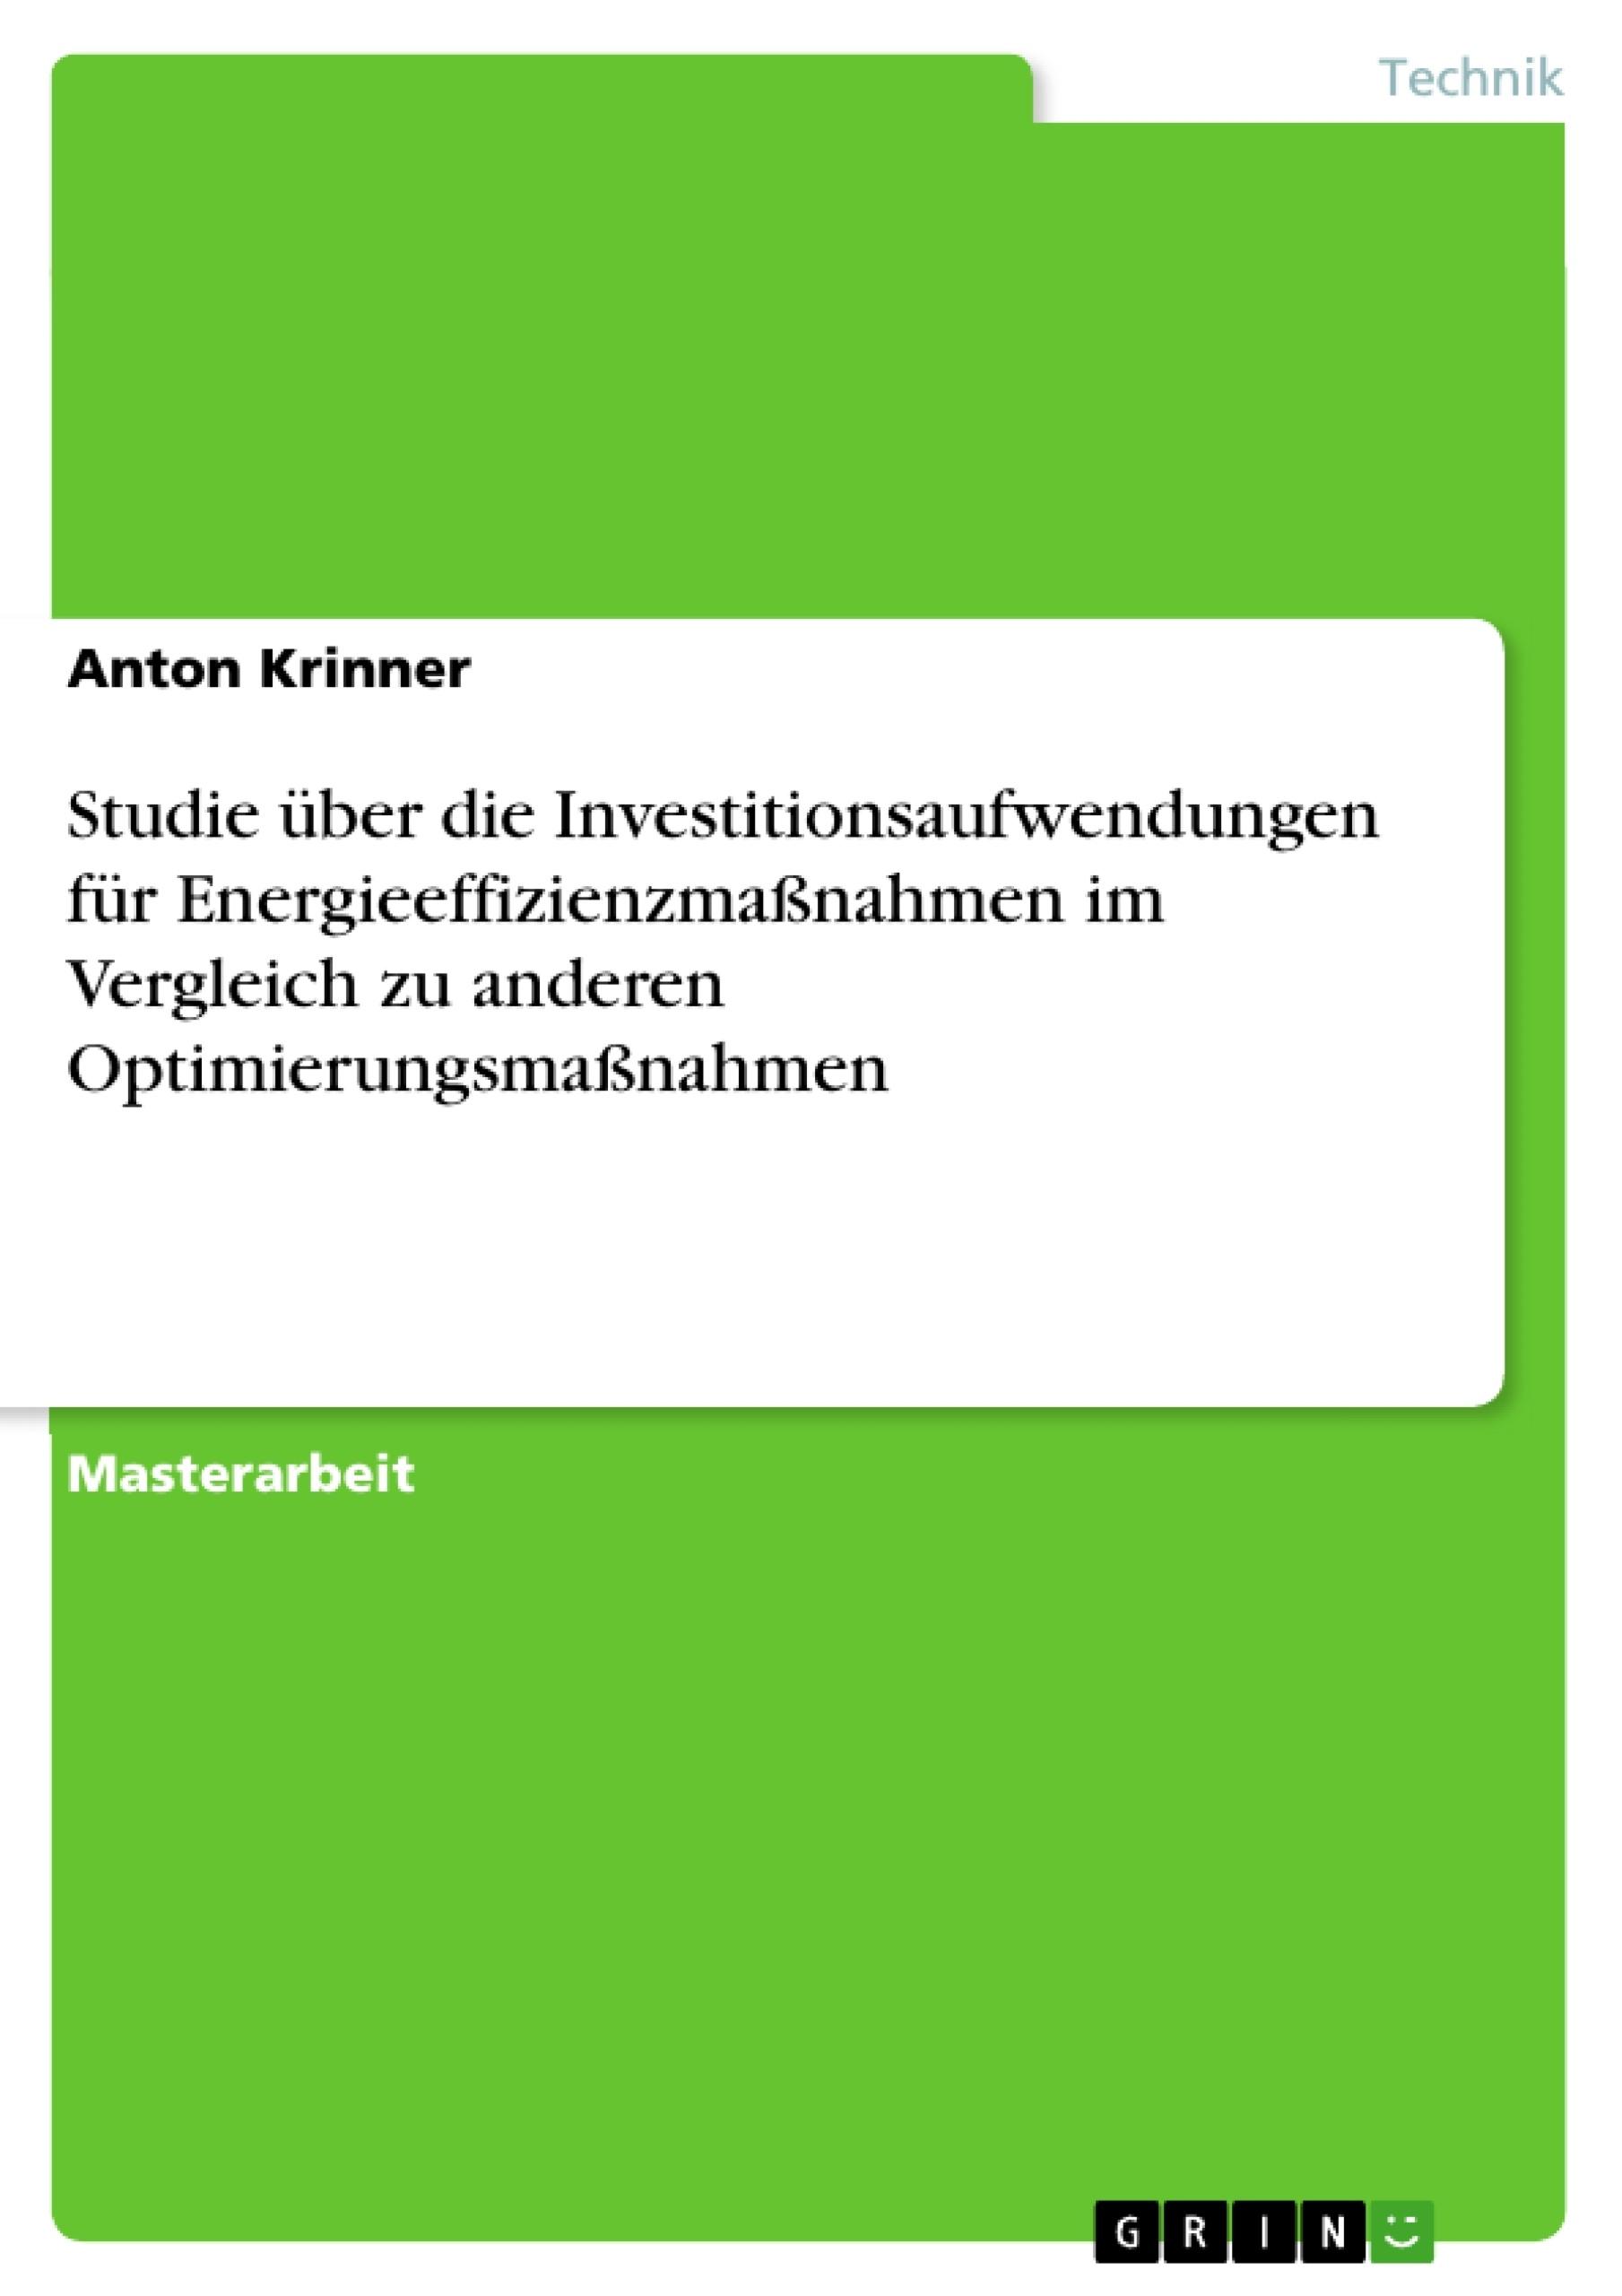 Titel: Studie über die Investitionsaufwendungen für Energieeffizienzmaßnahmen im Vergleich zu anderen Optimierungsmaßnahmen